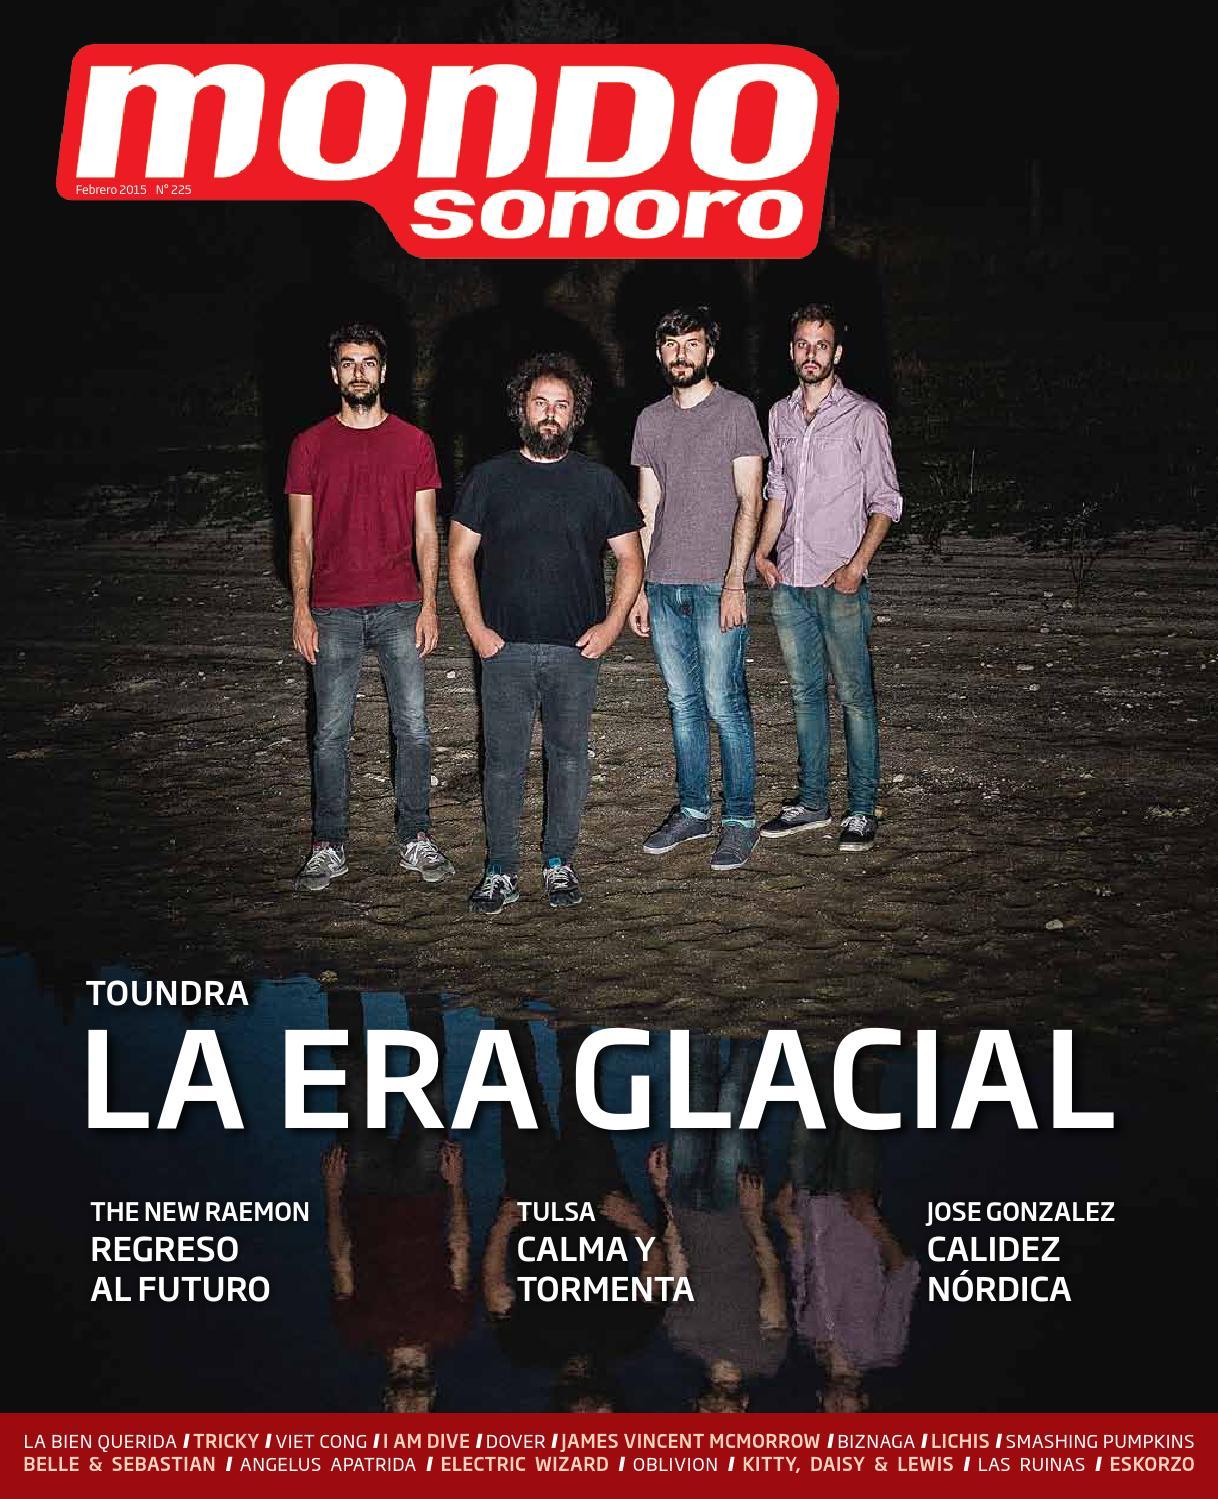 MondoSonoro febrero 2015 by MONDO SONORO - issuu